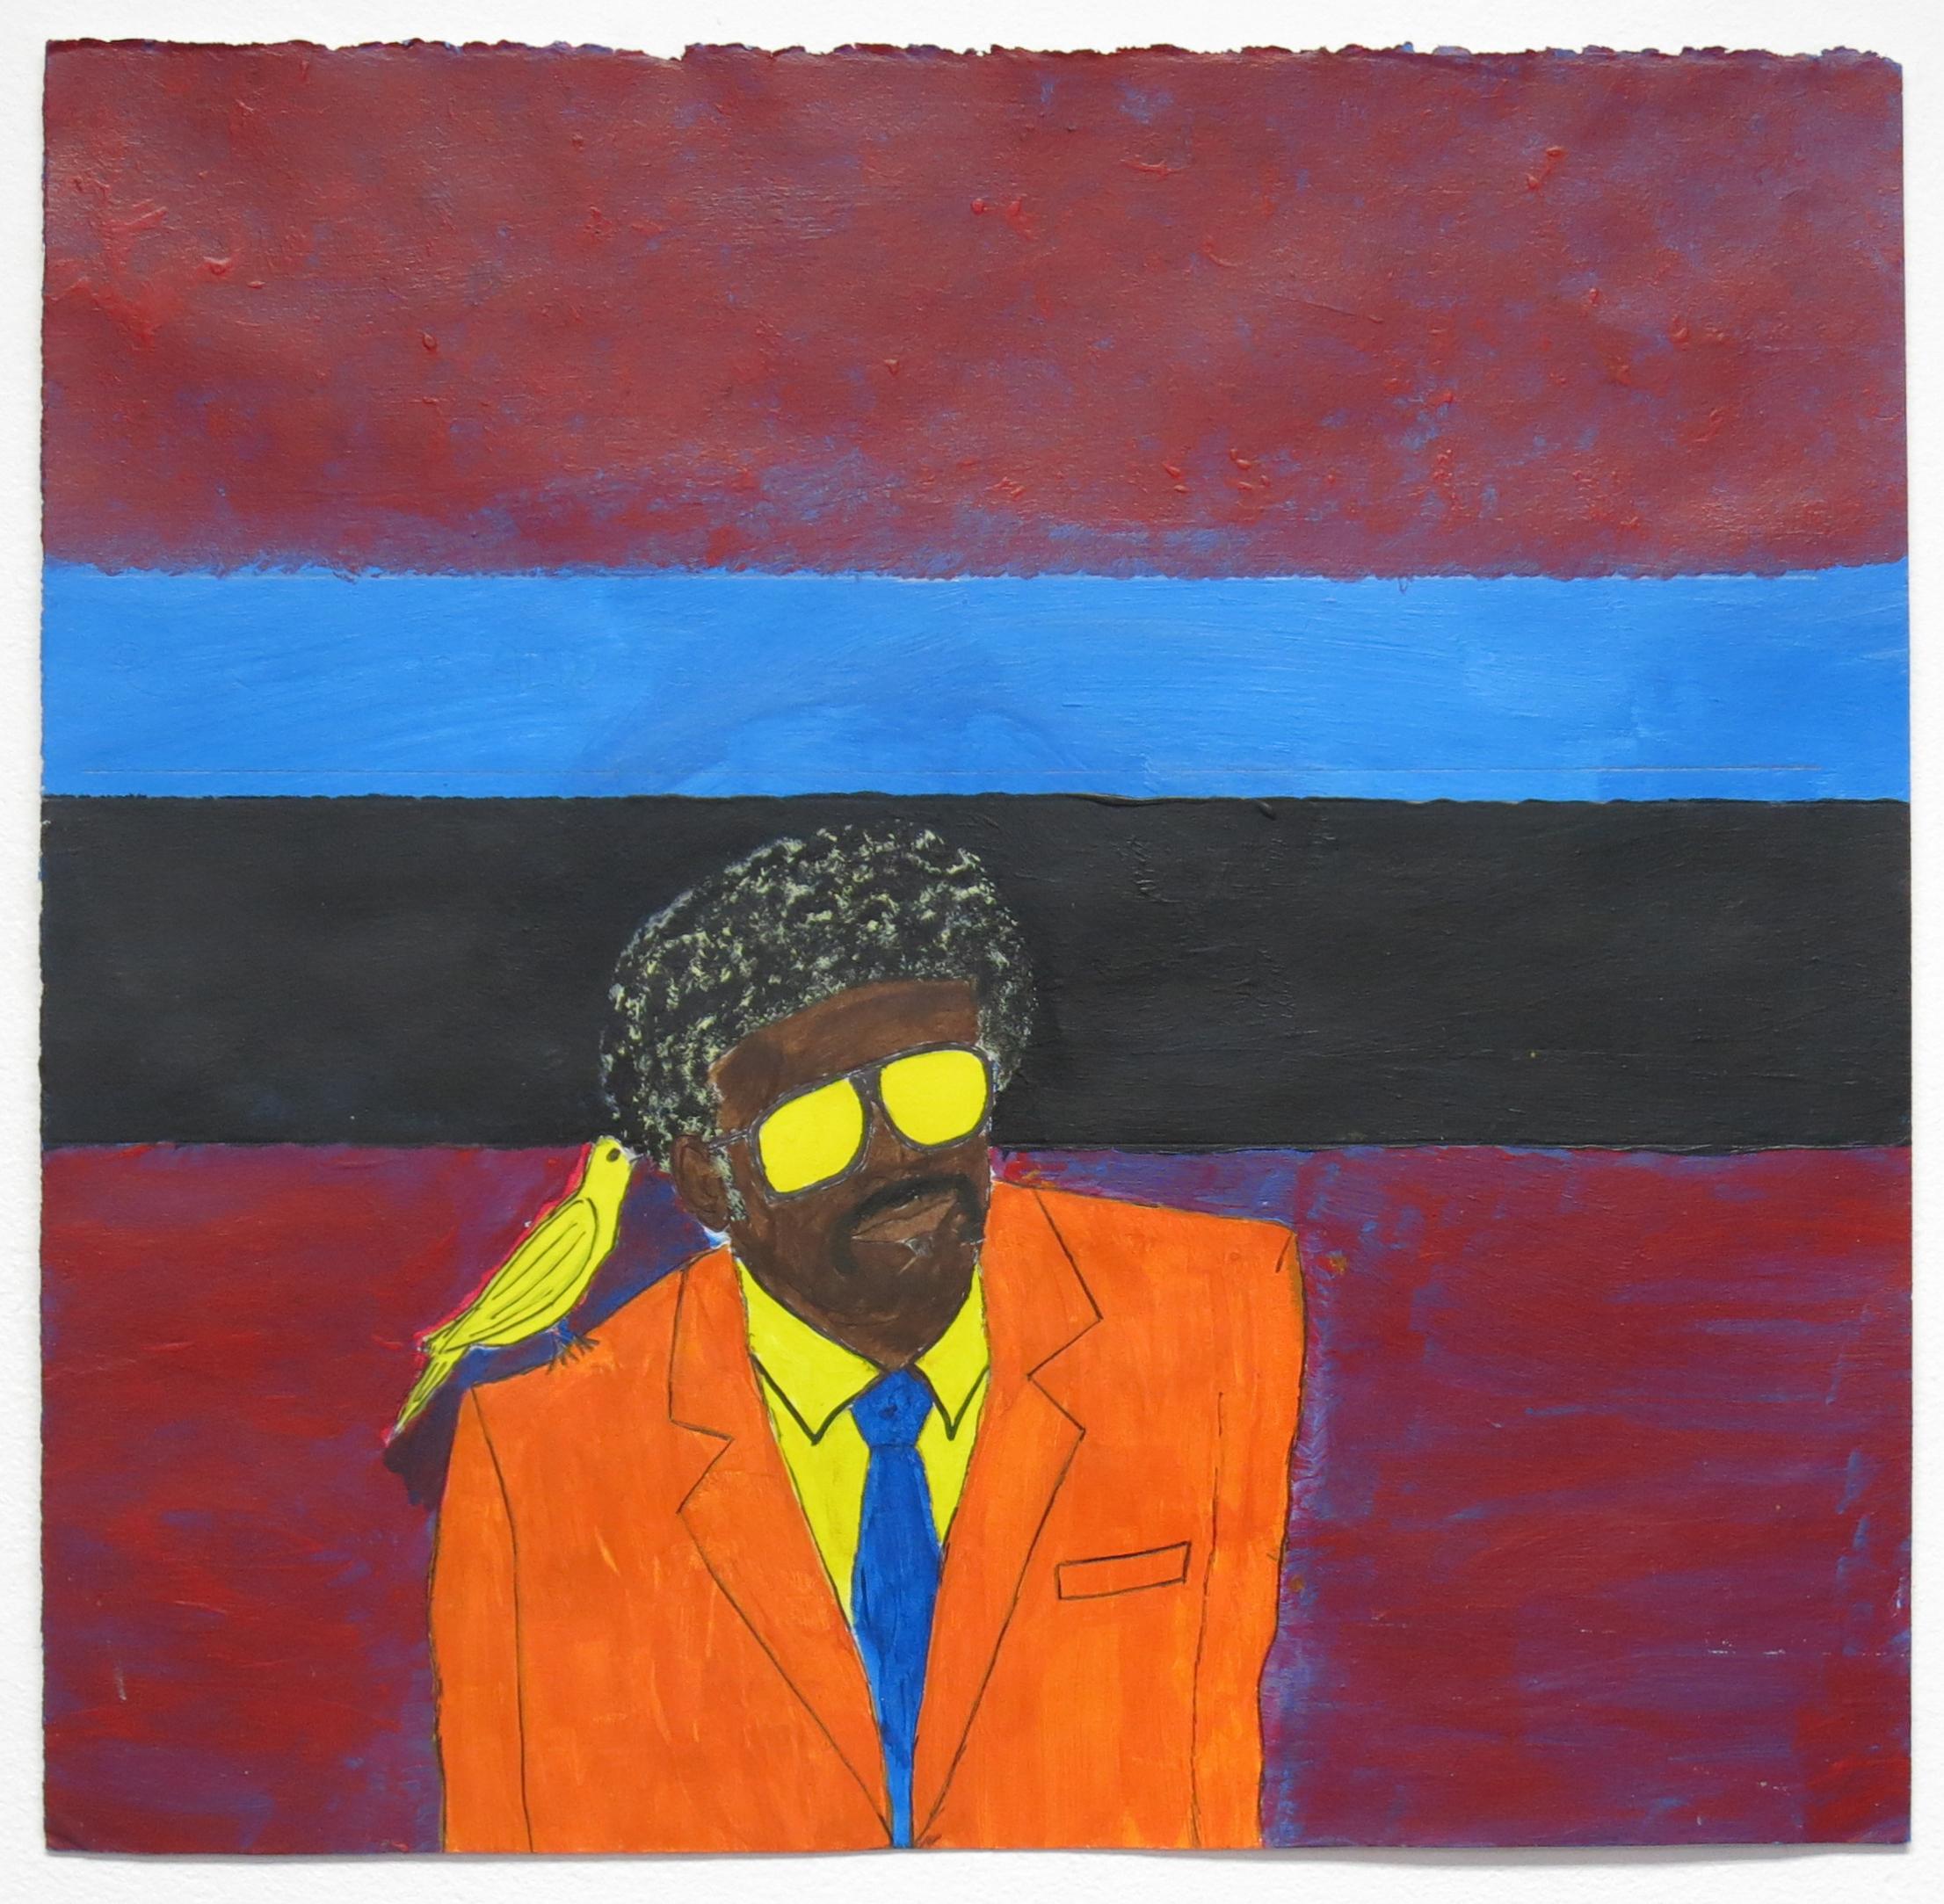 James Davis, Untitled (JDa 001), 2014, Work on paper, 14.5 x 15 inches